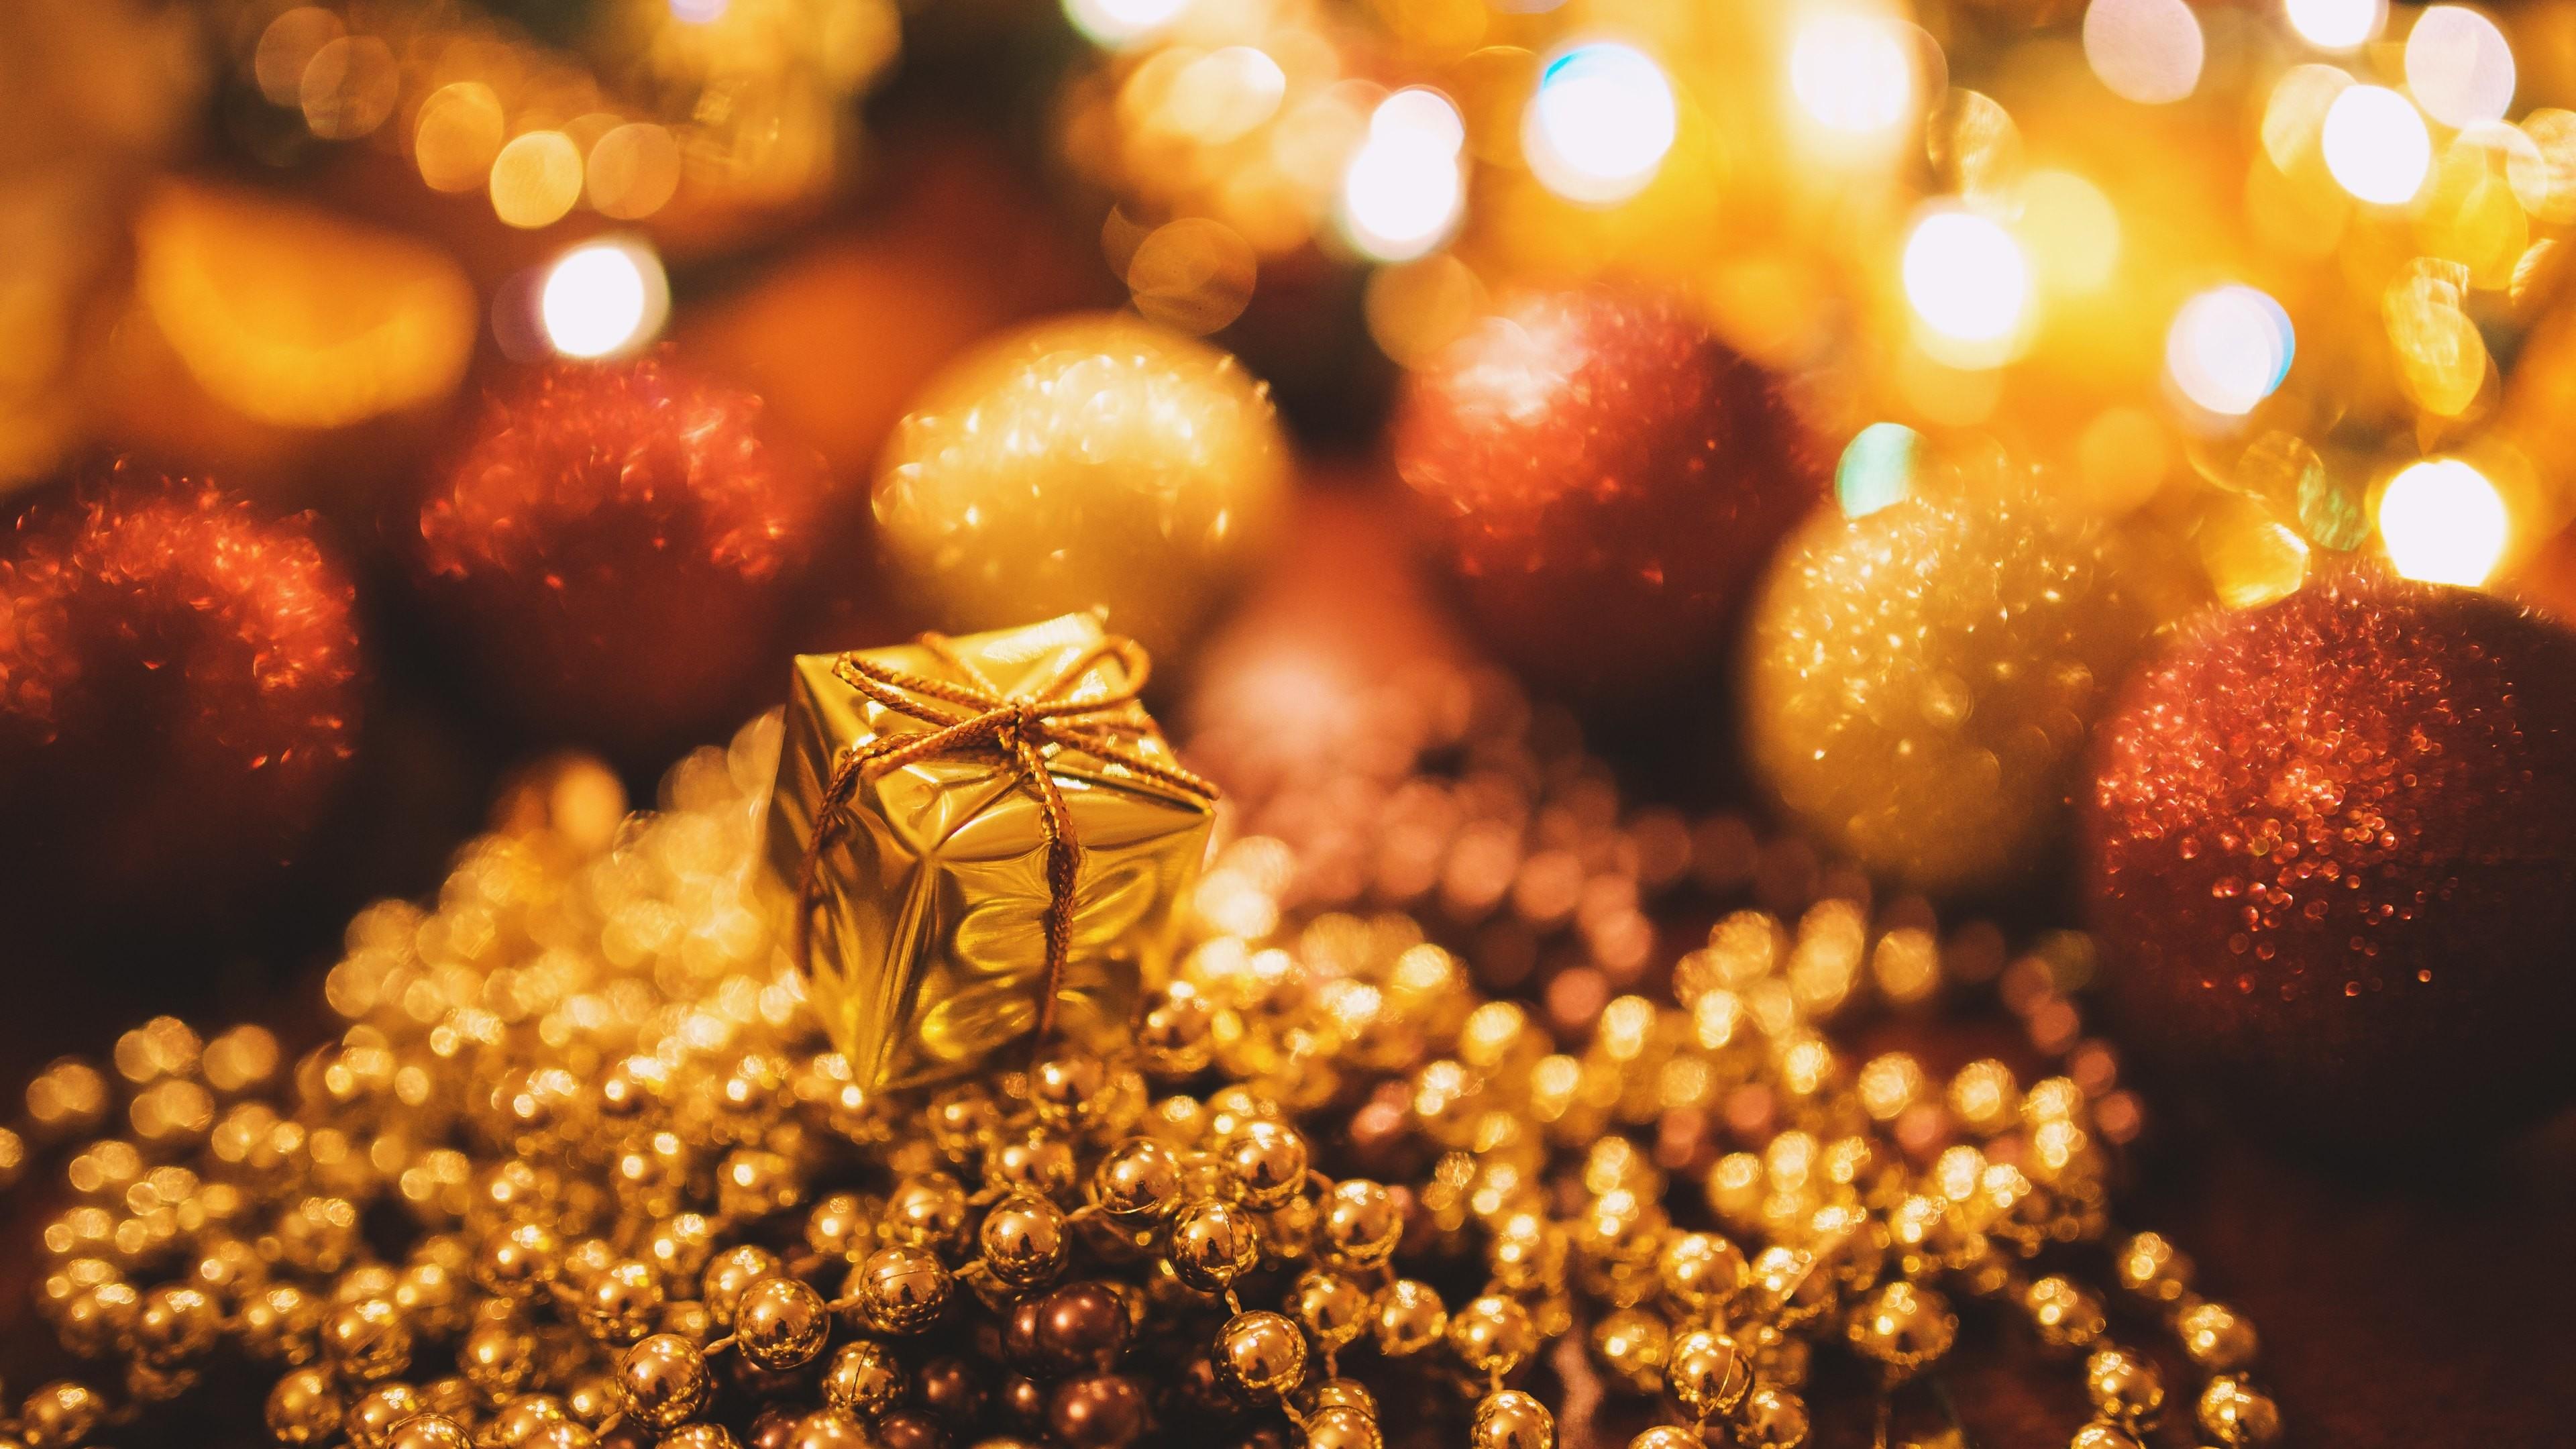 Christmas Wallpaper 4k.4k Christmas Wallpaper 51 Images